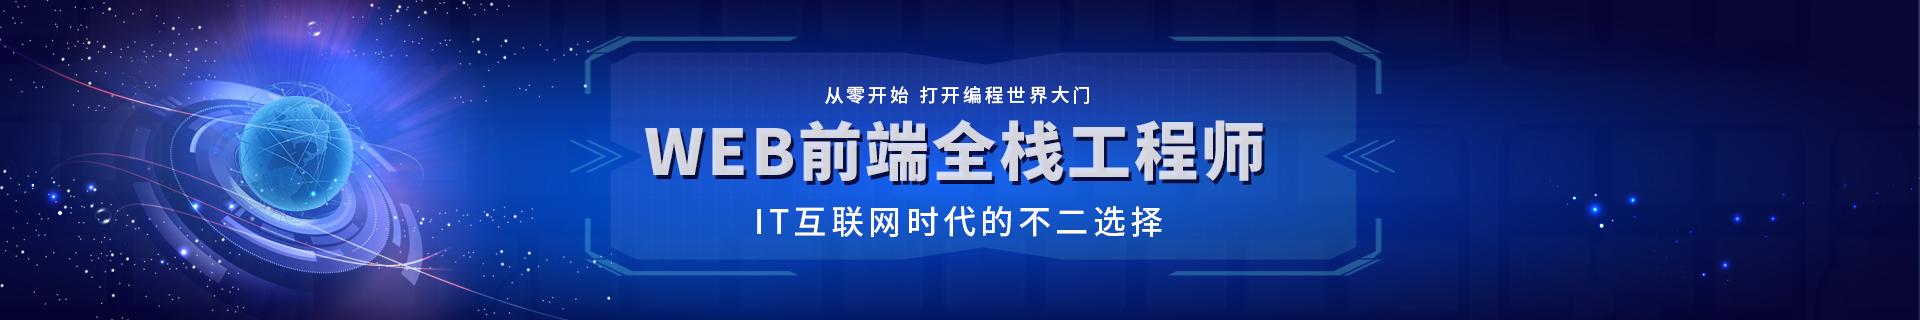 上海徐汇区达内IT培训